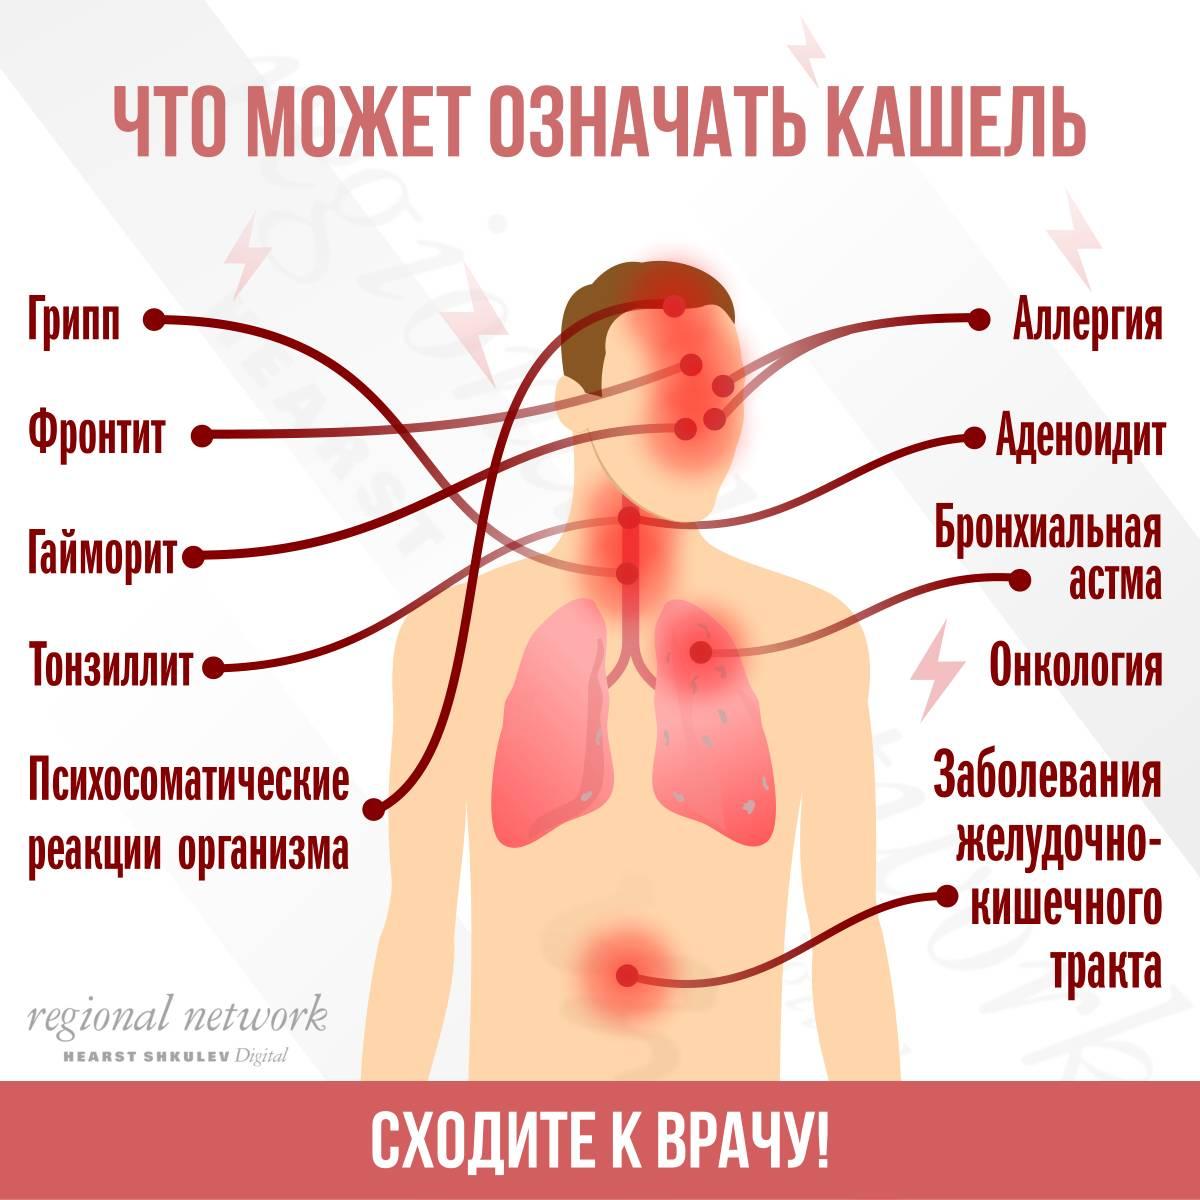 Боли в легких после курения: выясняем причины и устраняем проблему